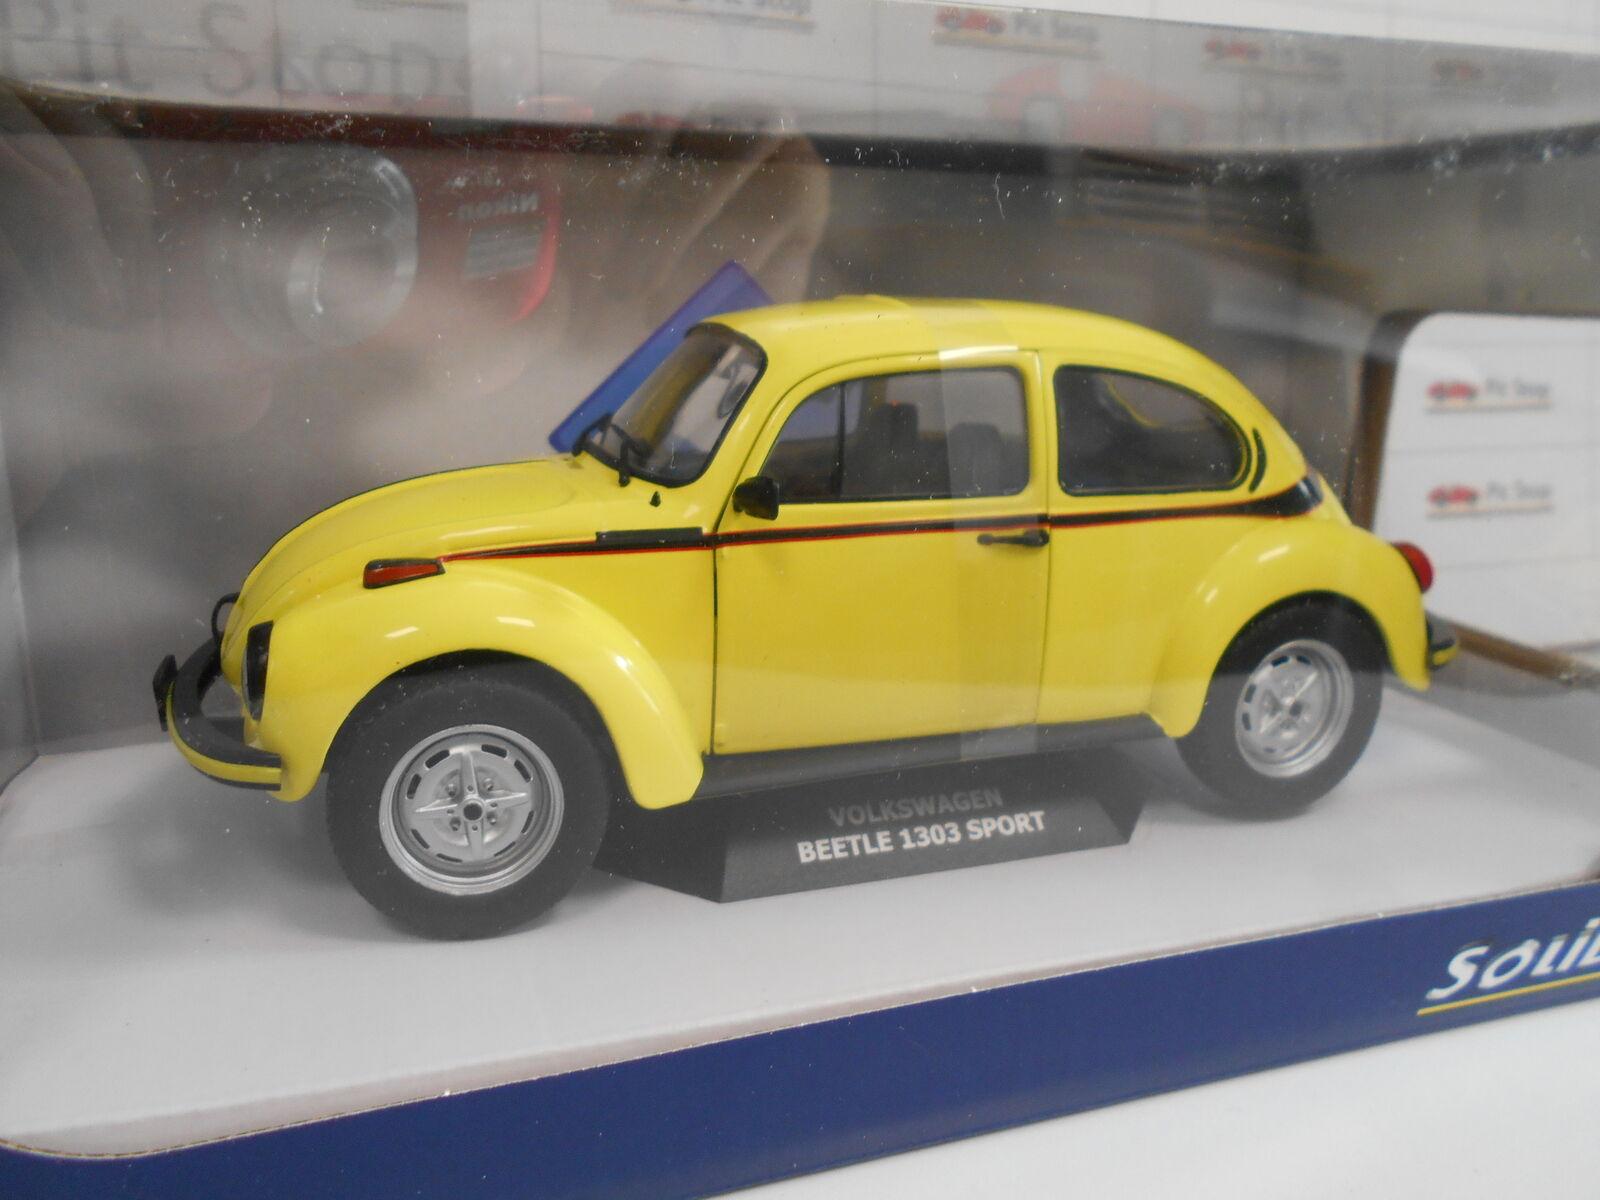 1800511 by Solid 'Volkswagen Beetle 1303 Sport Yellow 1974 1 18